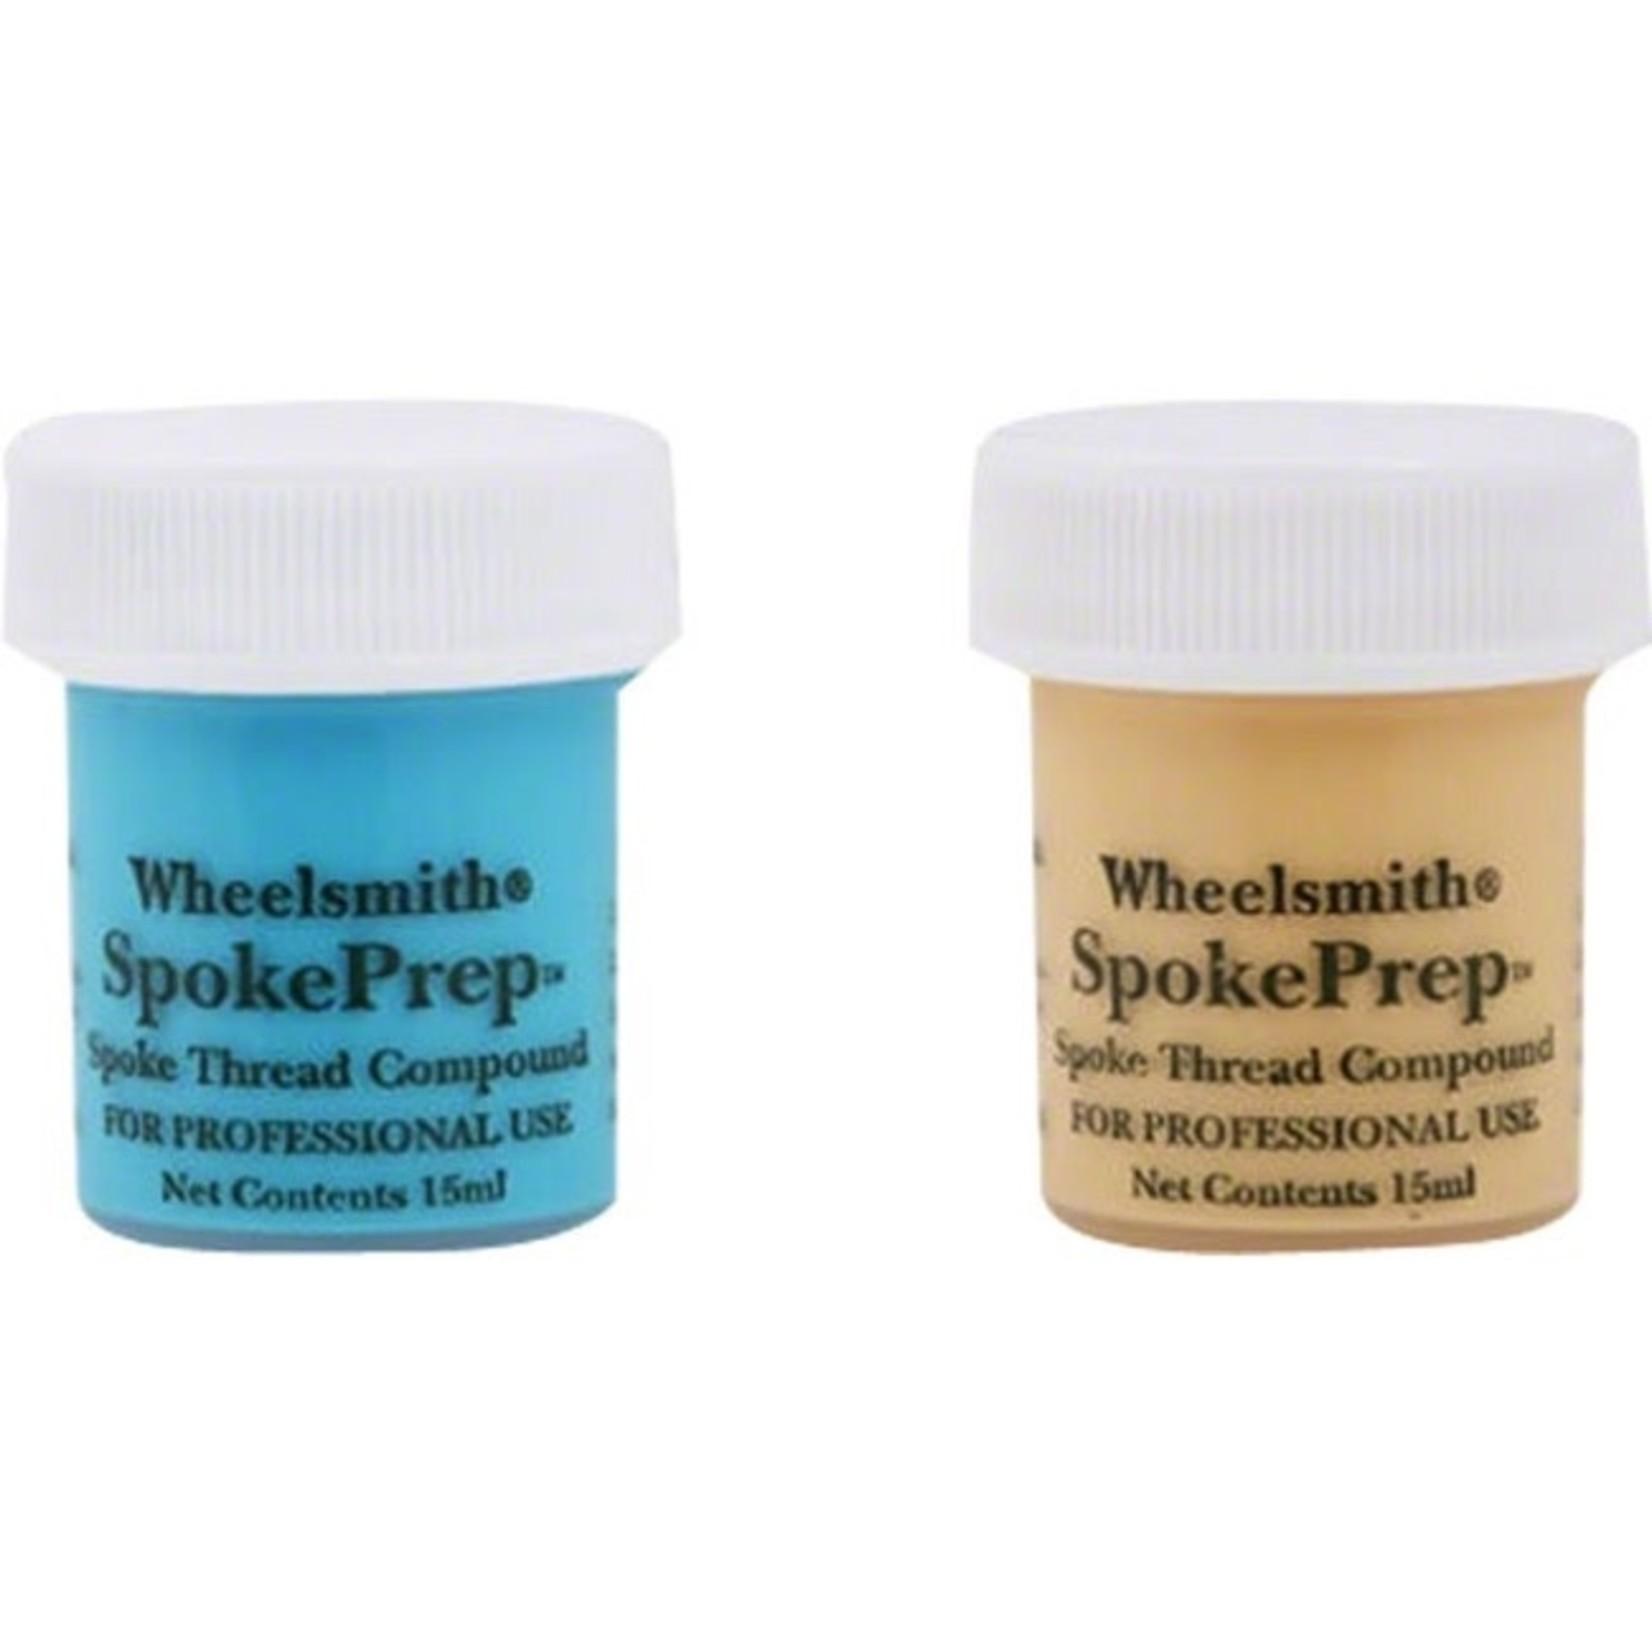 Wheelsmith Wheelsmith Double Spoke Prep, Two 15mI Bottles, One Each of Orange and Blue